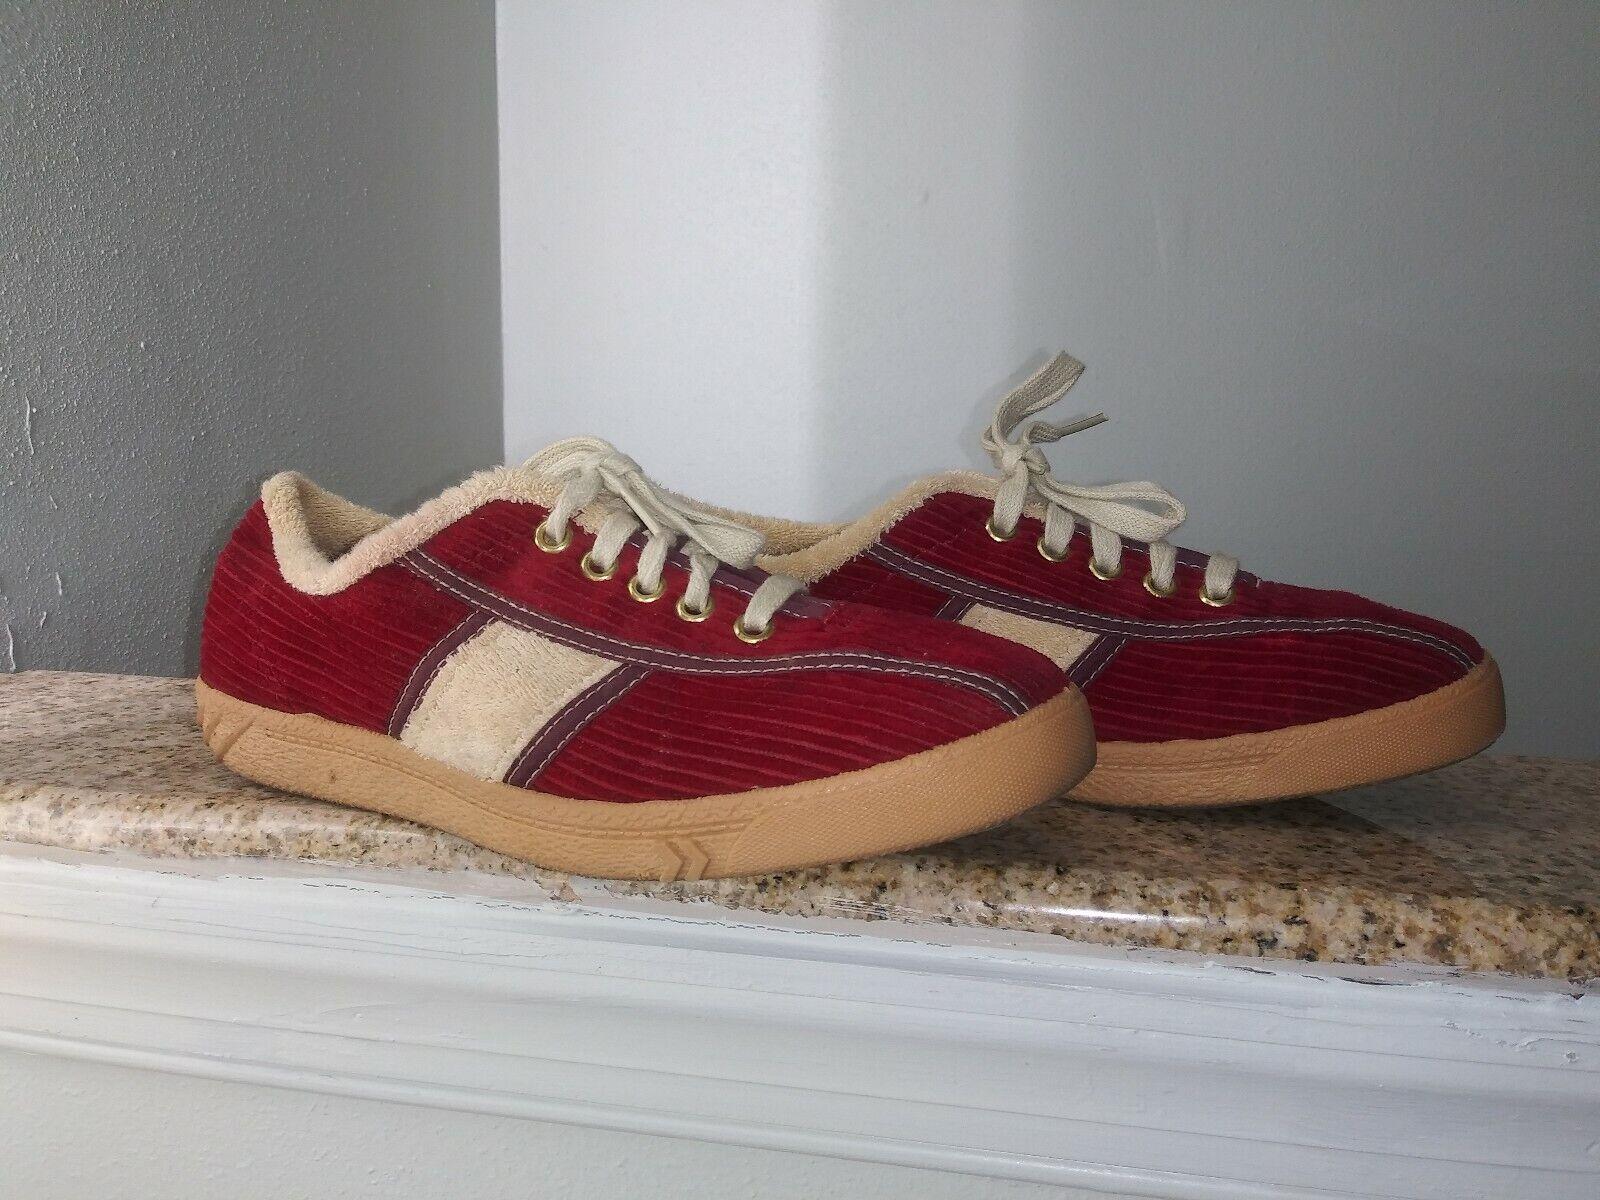 Vintage Terry Tiger Tenis Zapatos De Lona Colors De Pana Rojo Beige